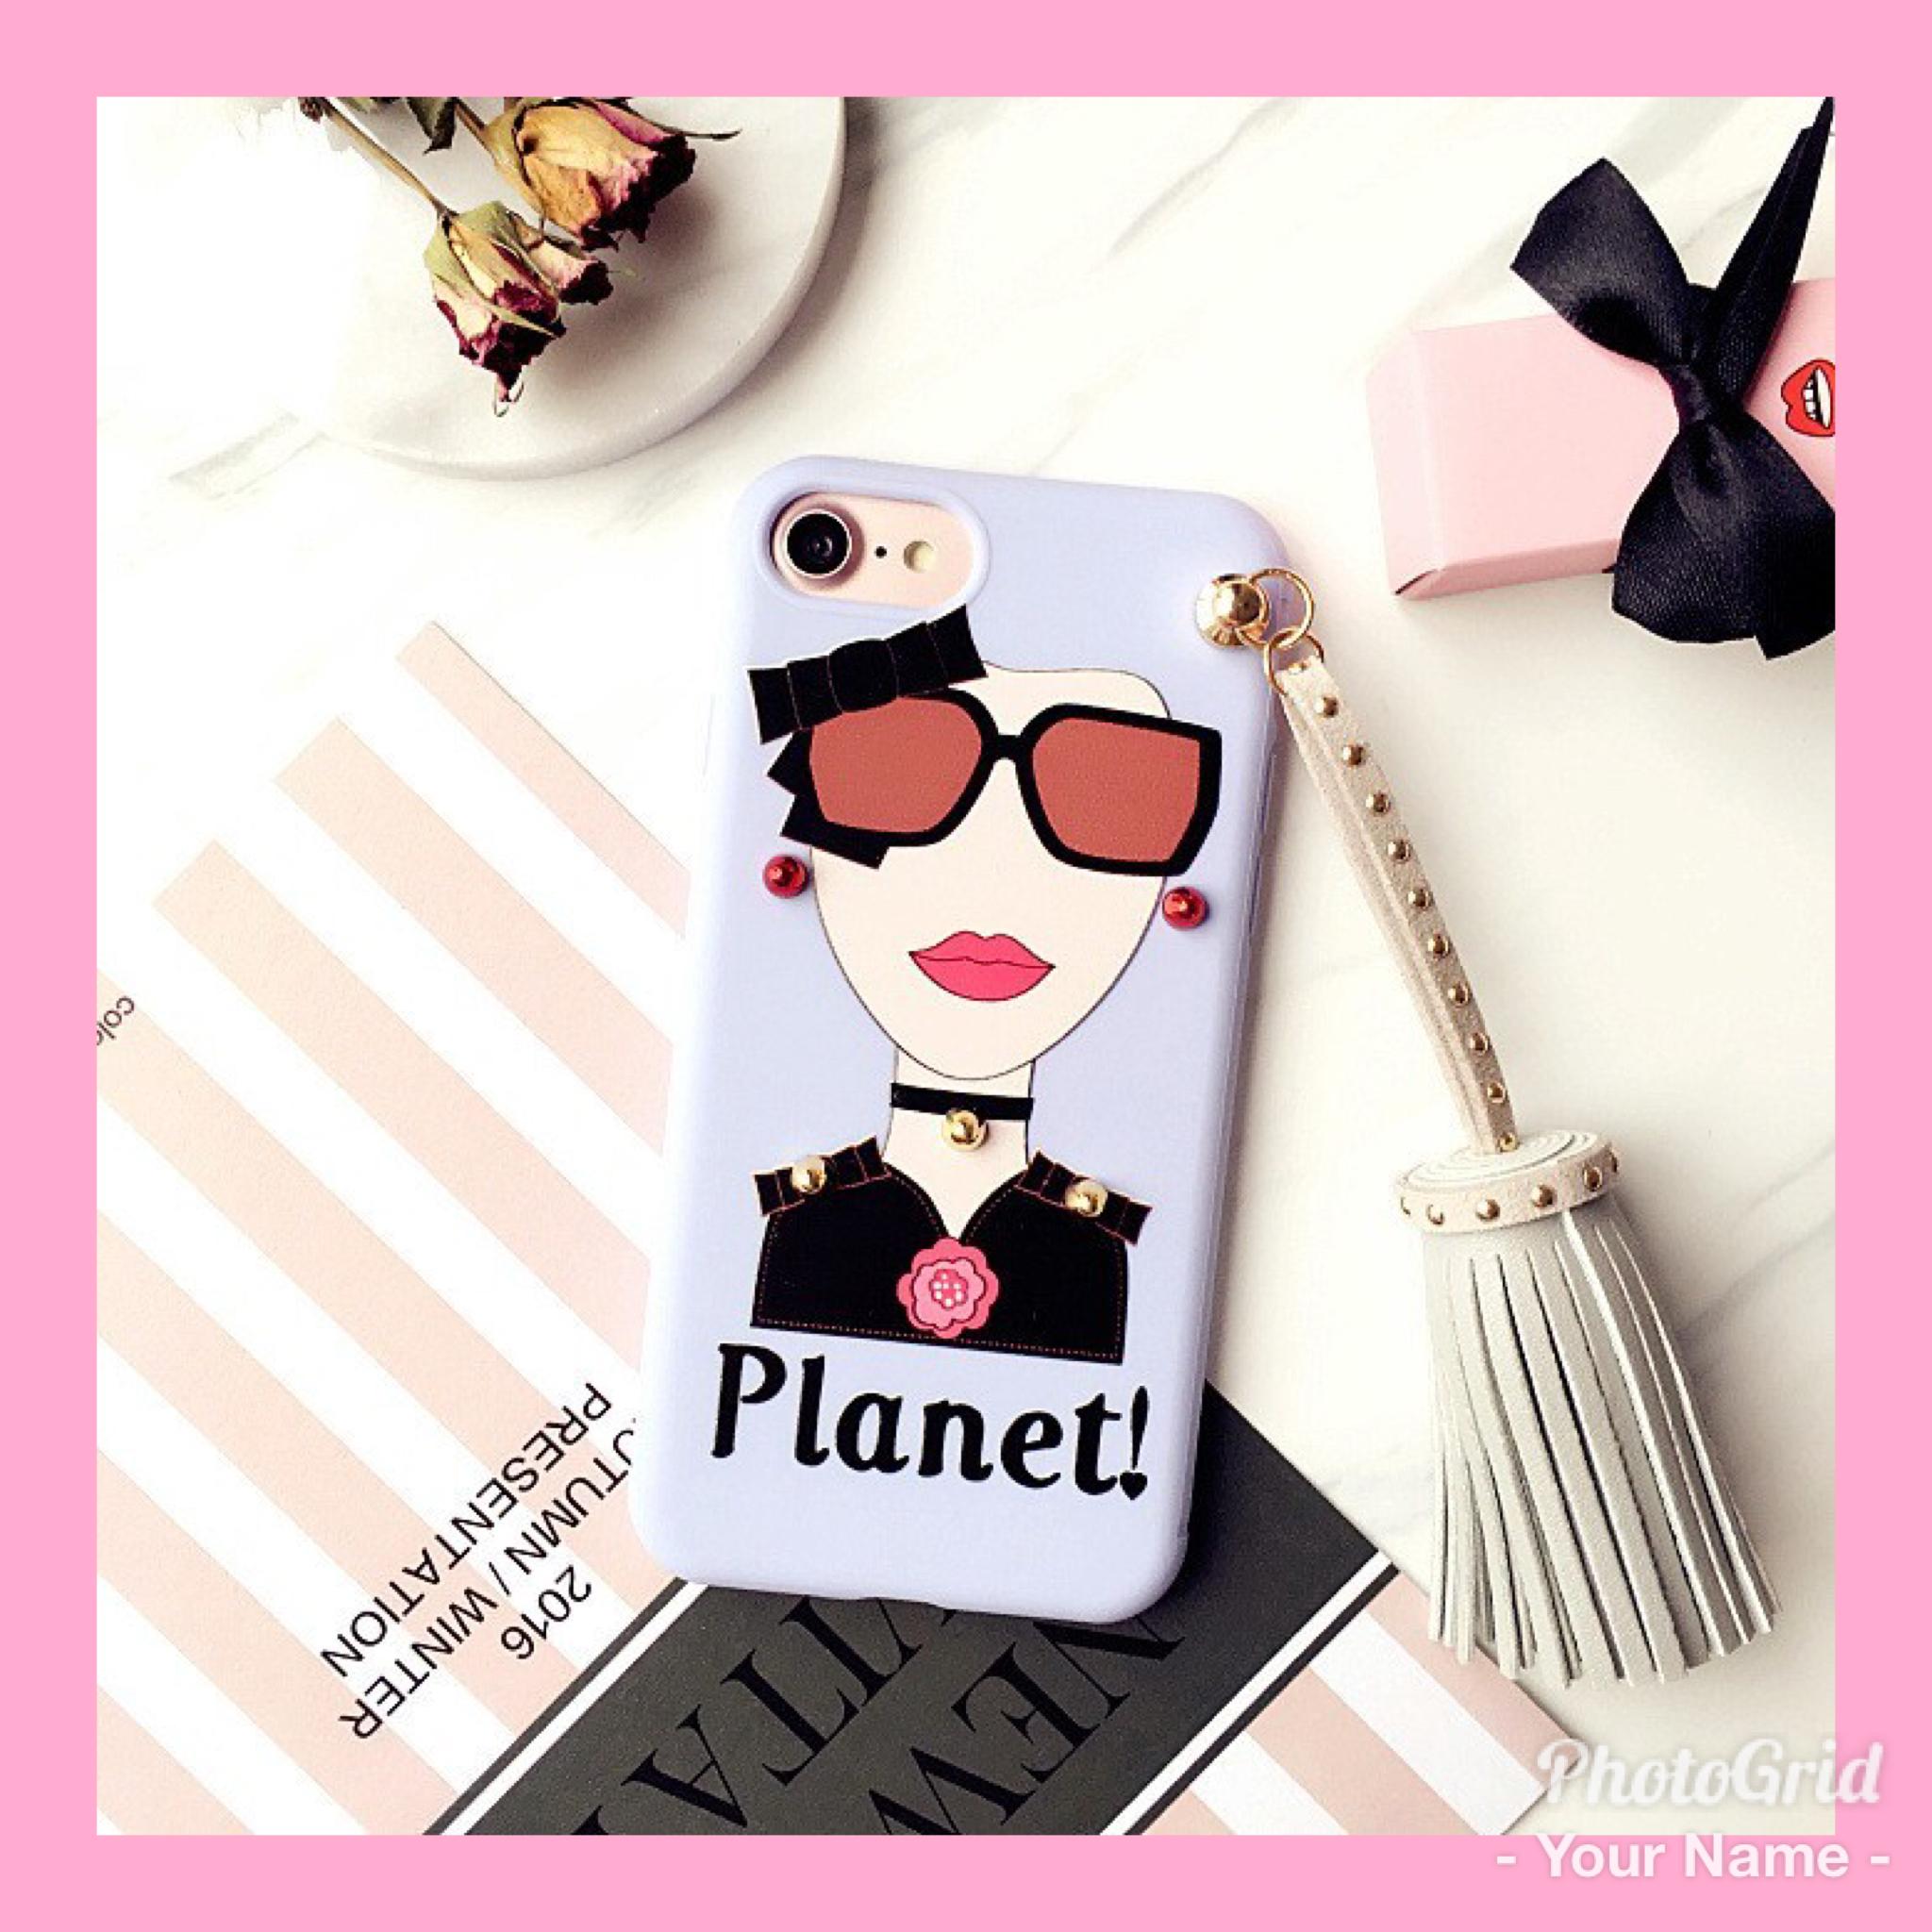 送料無料!tassel girl iPhone case 『planet』